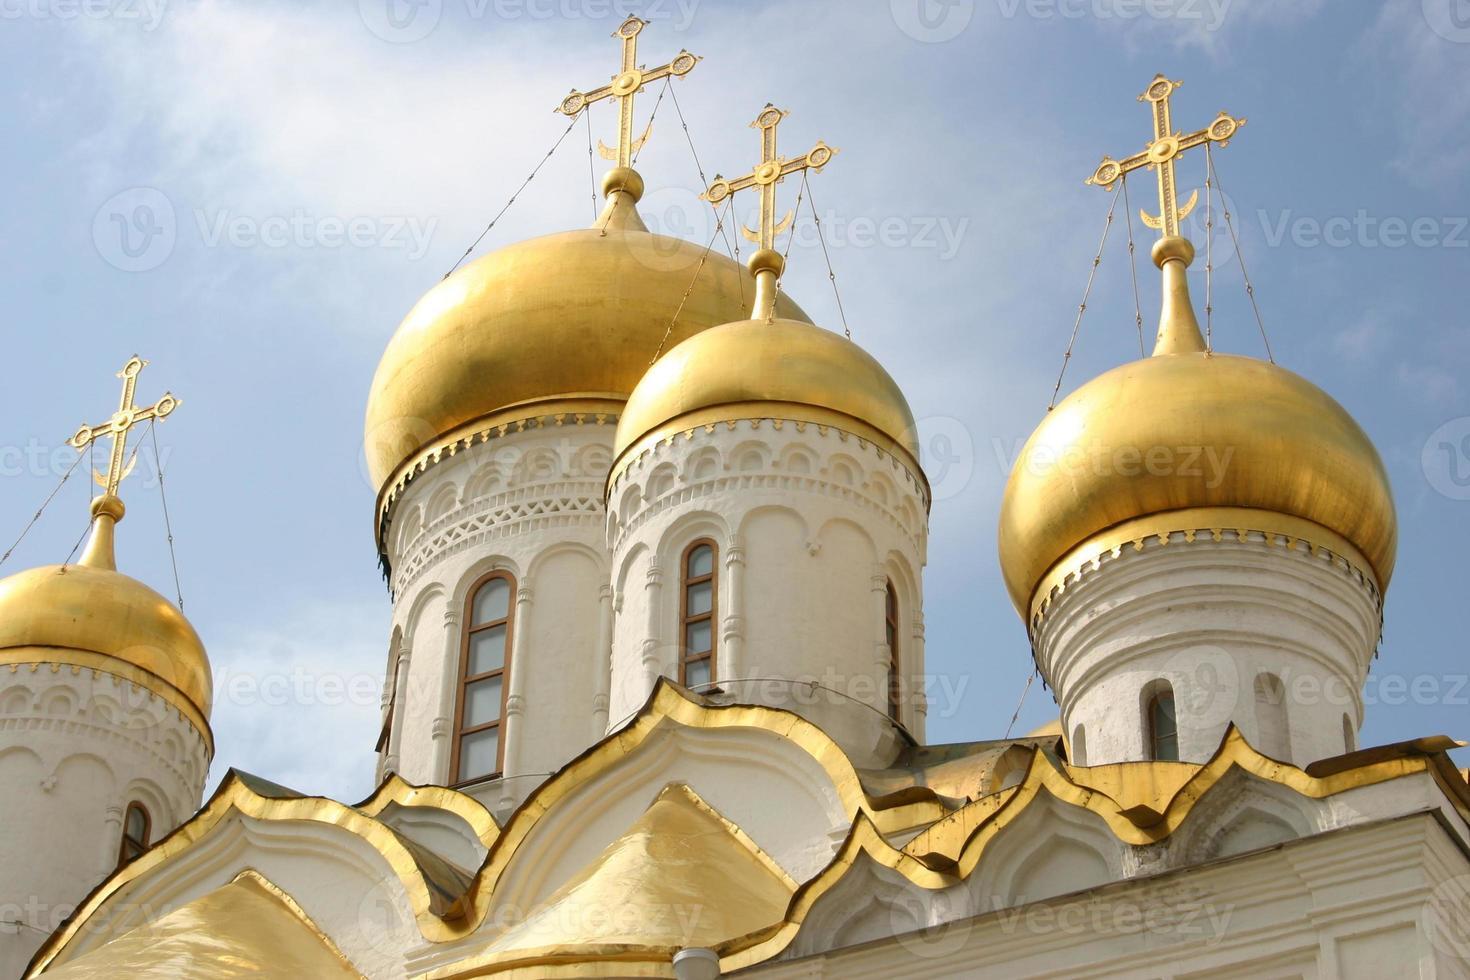 koepels van de kerk van de aankondiging foto